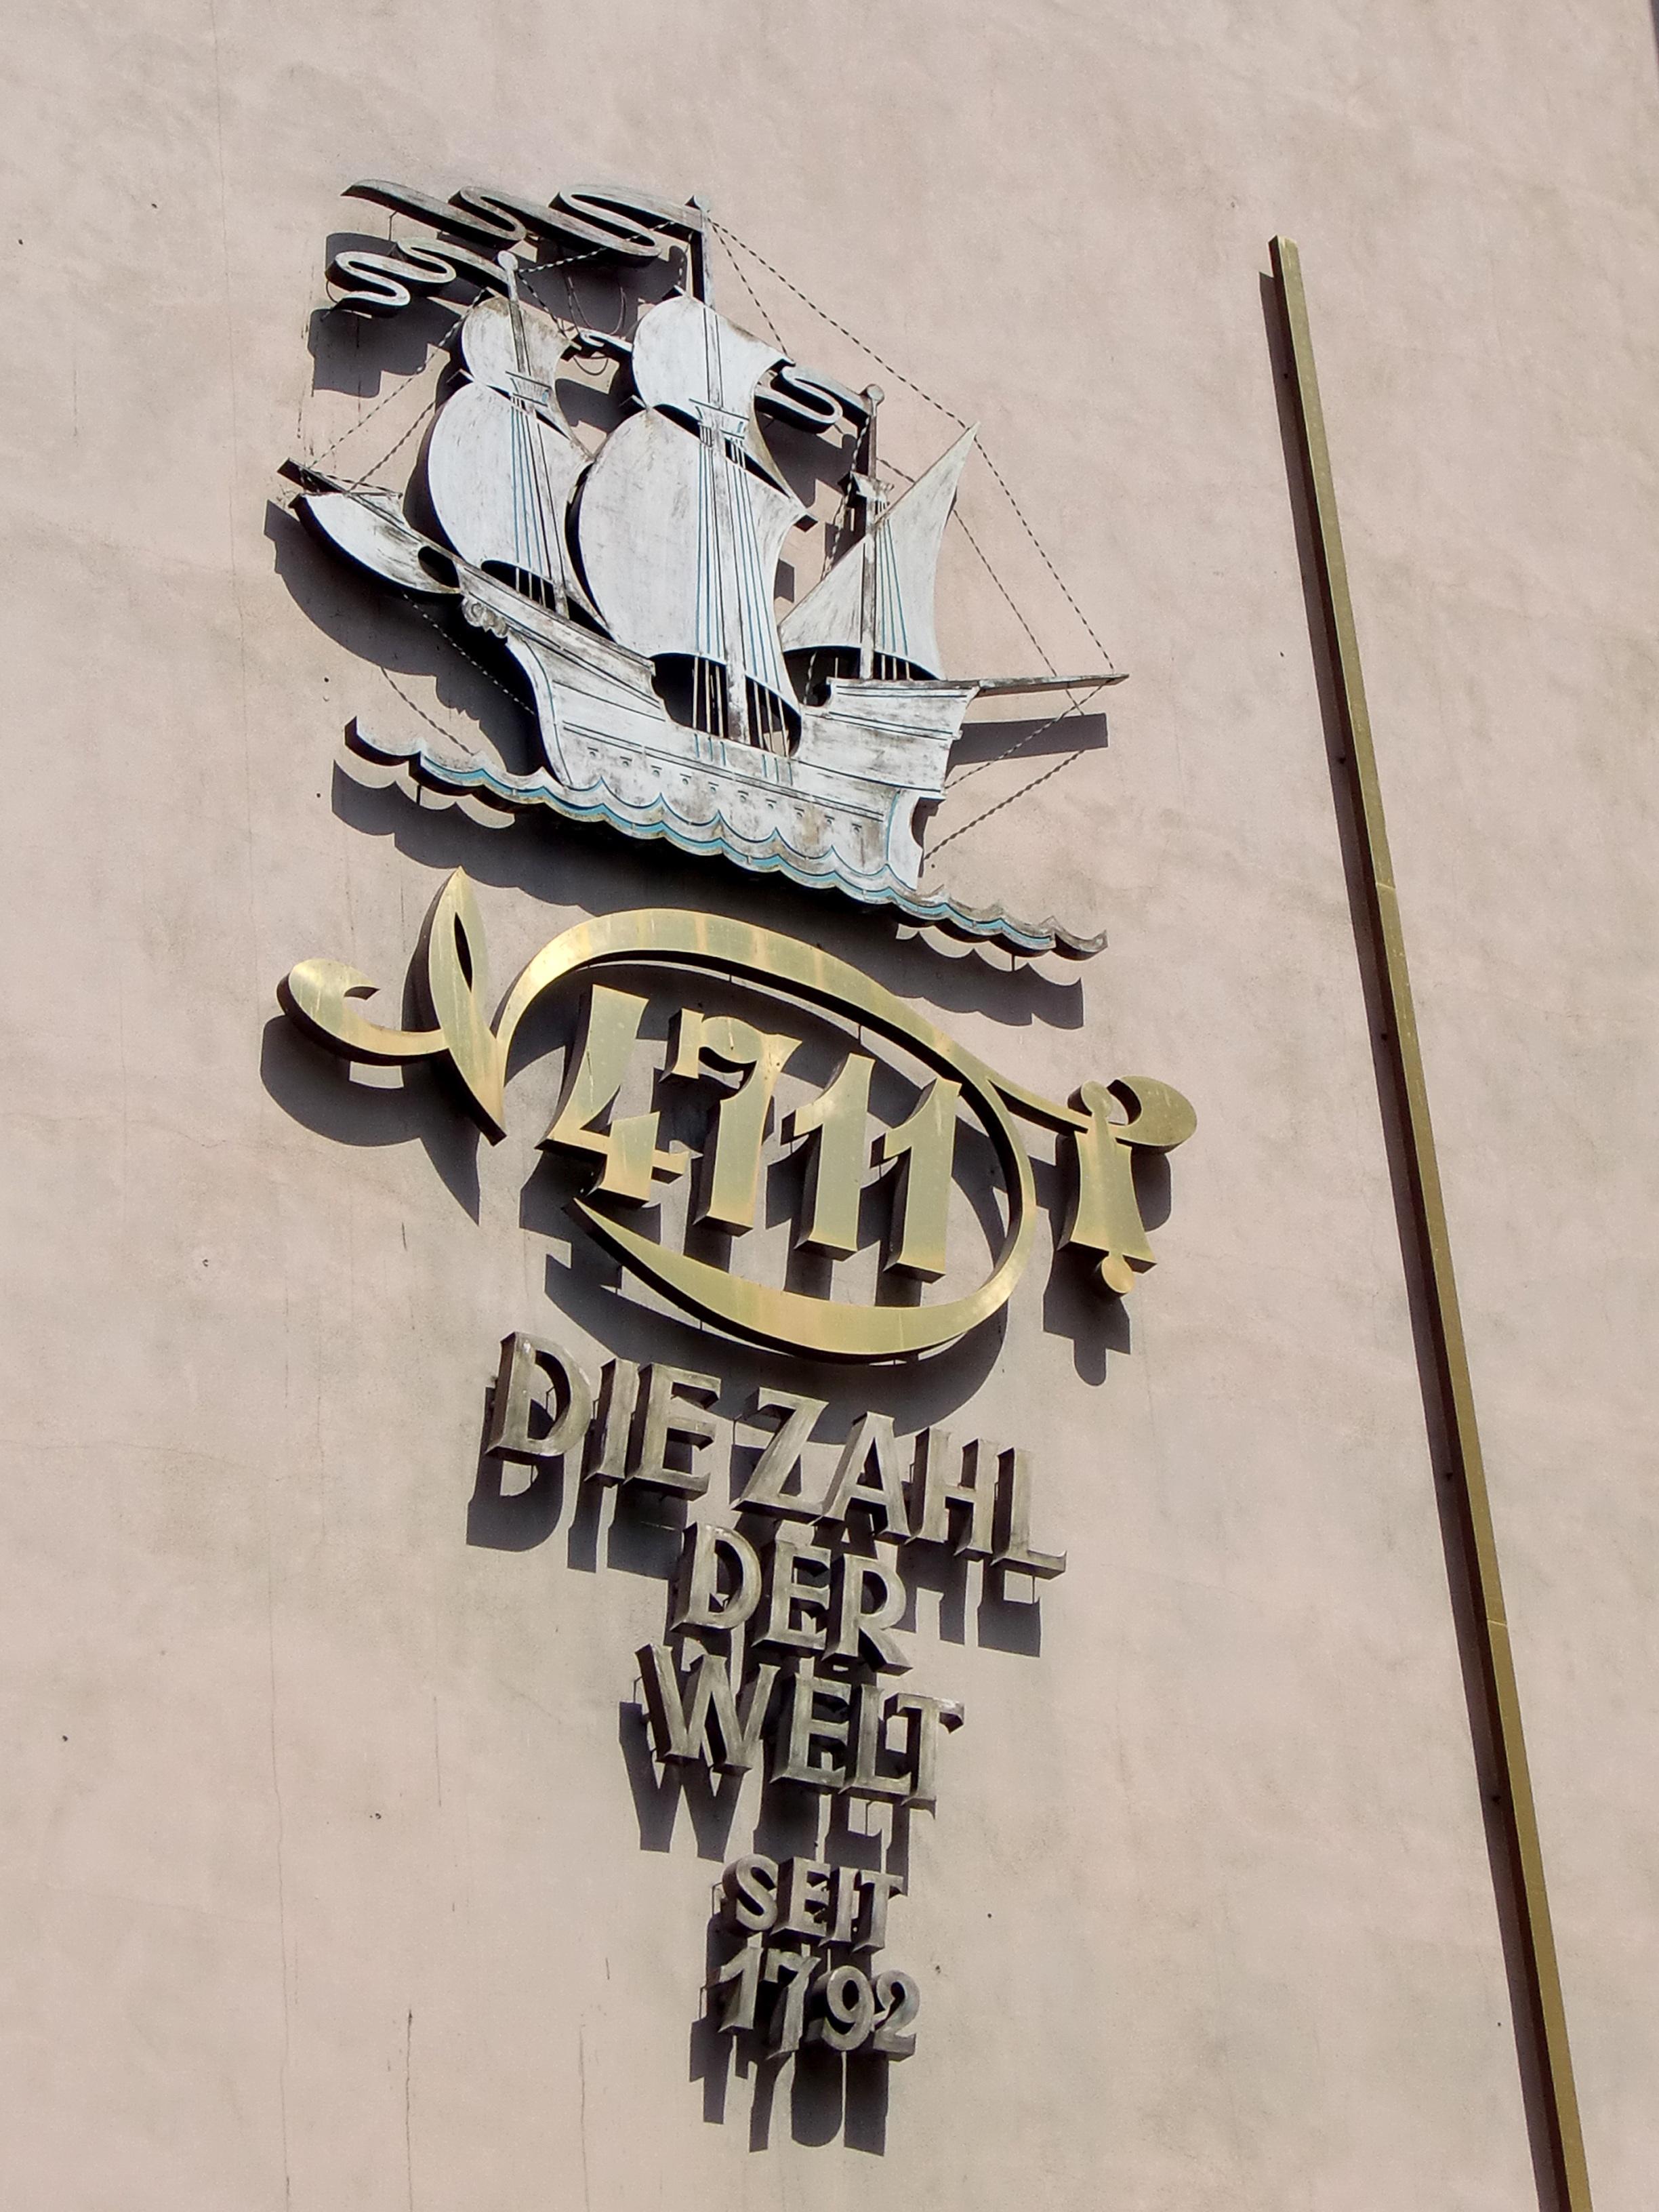 Gambar Iklan Penglihatan Pakaian Fon Seni Sketsa Gambar Cologne Poster Kaligrafi Perahu Layar Logo Perusahaan 4711 2448x3264 1295023 Galeri Foto Pxhere